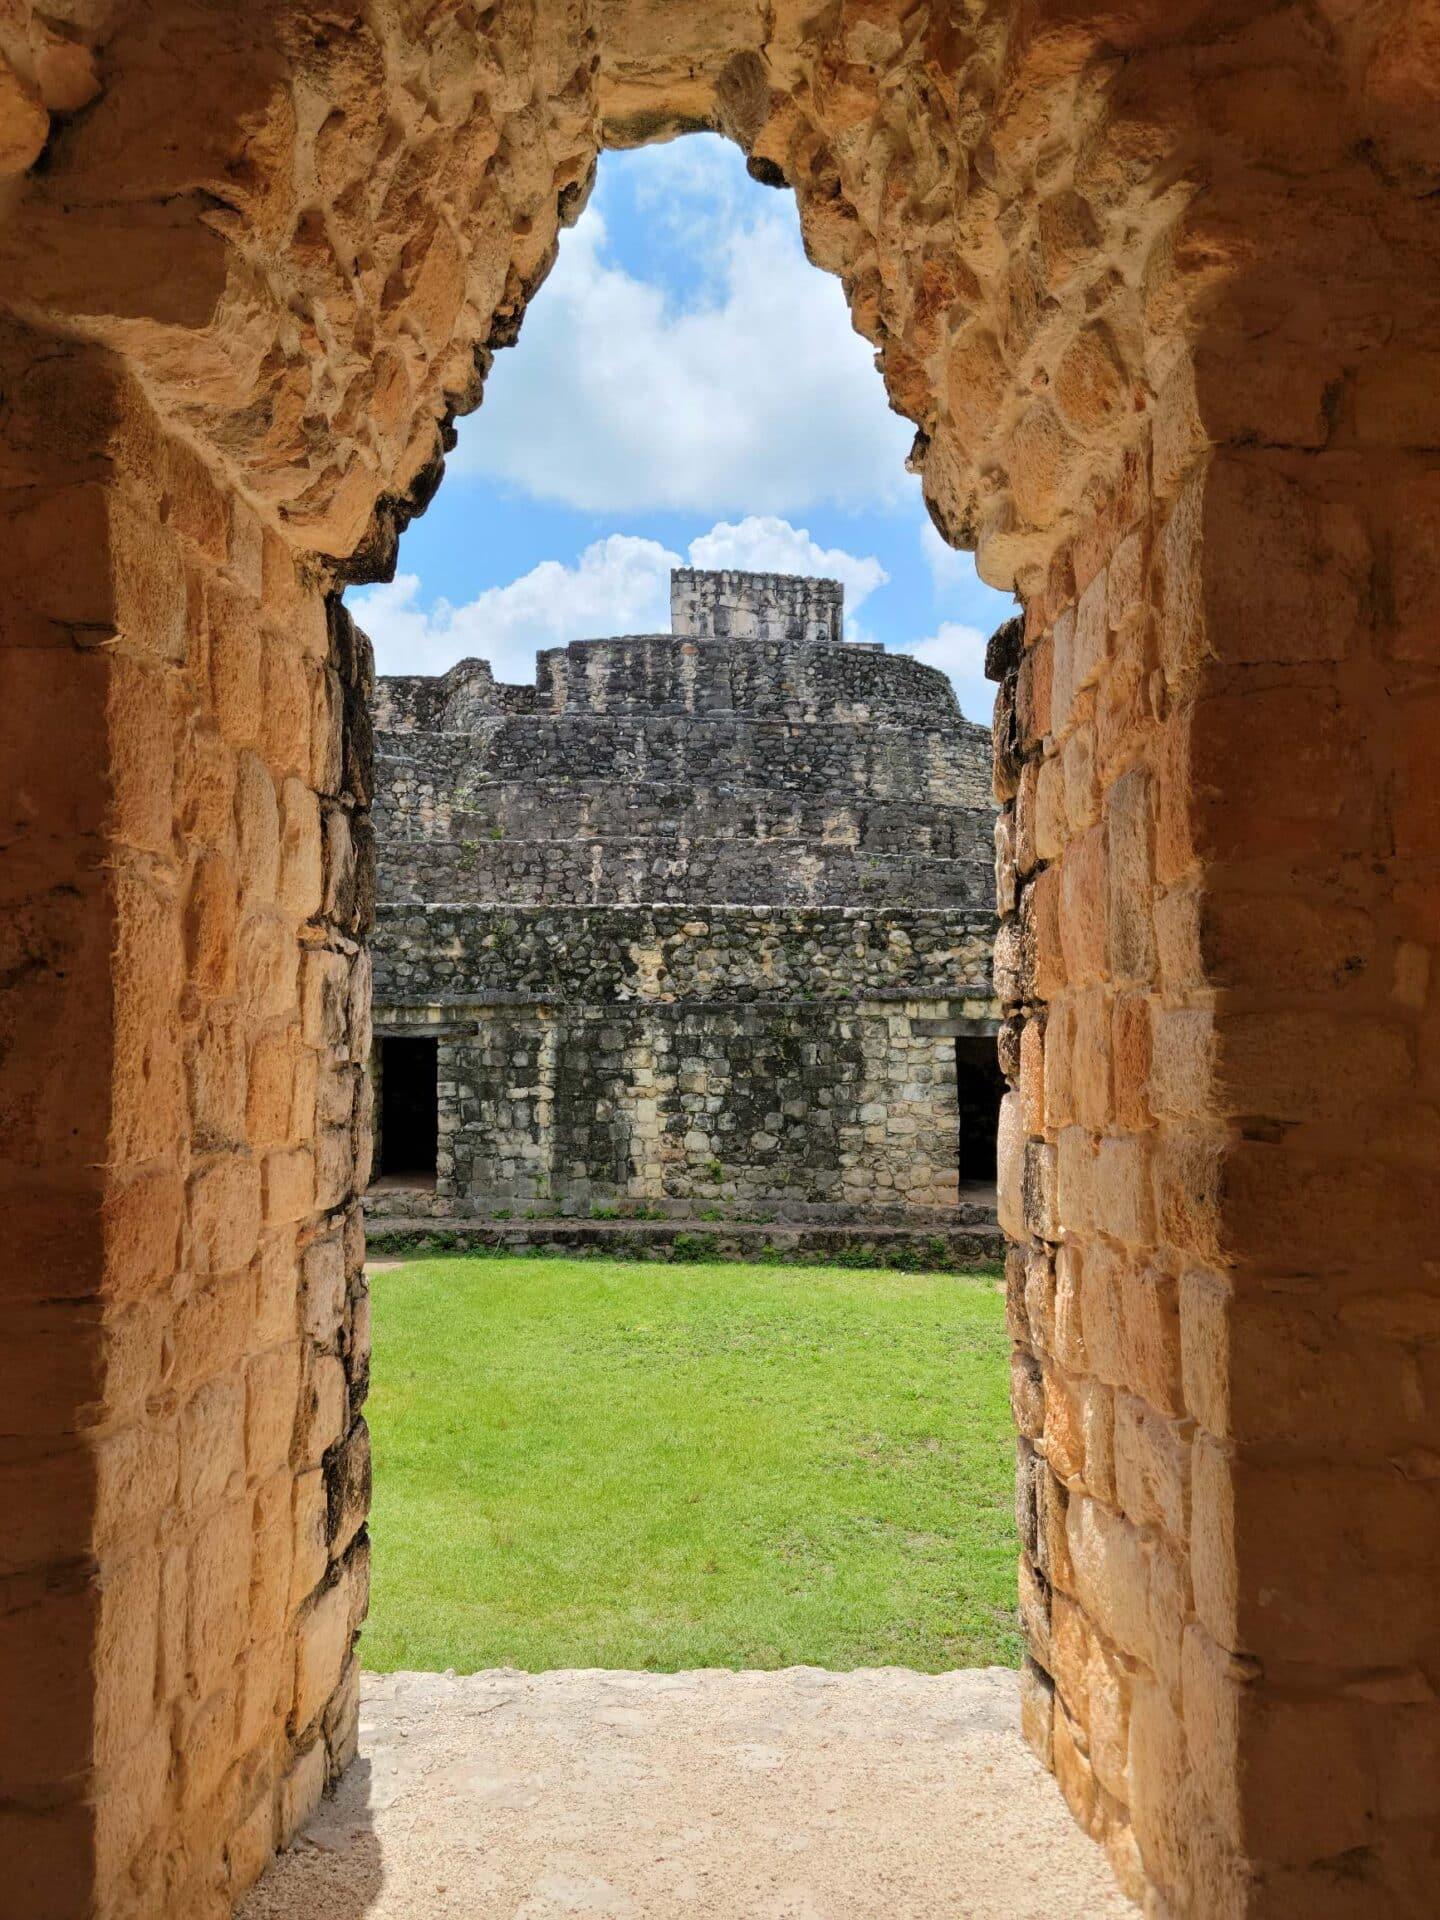 view from doorway in Ek Balam